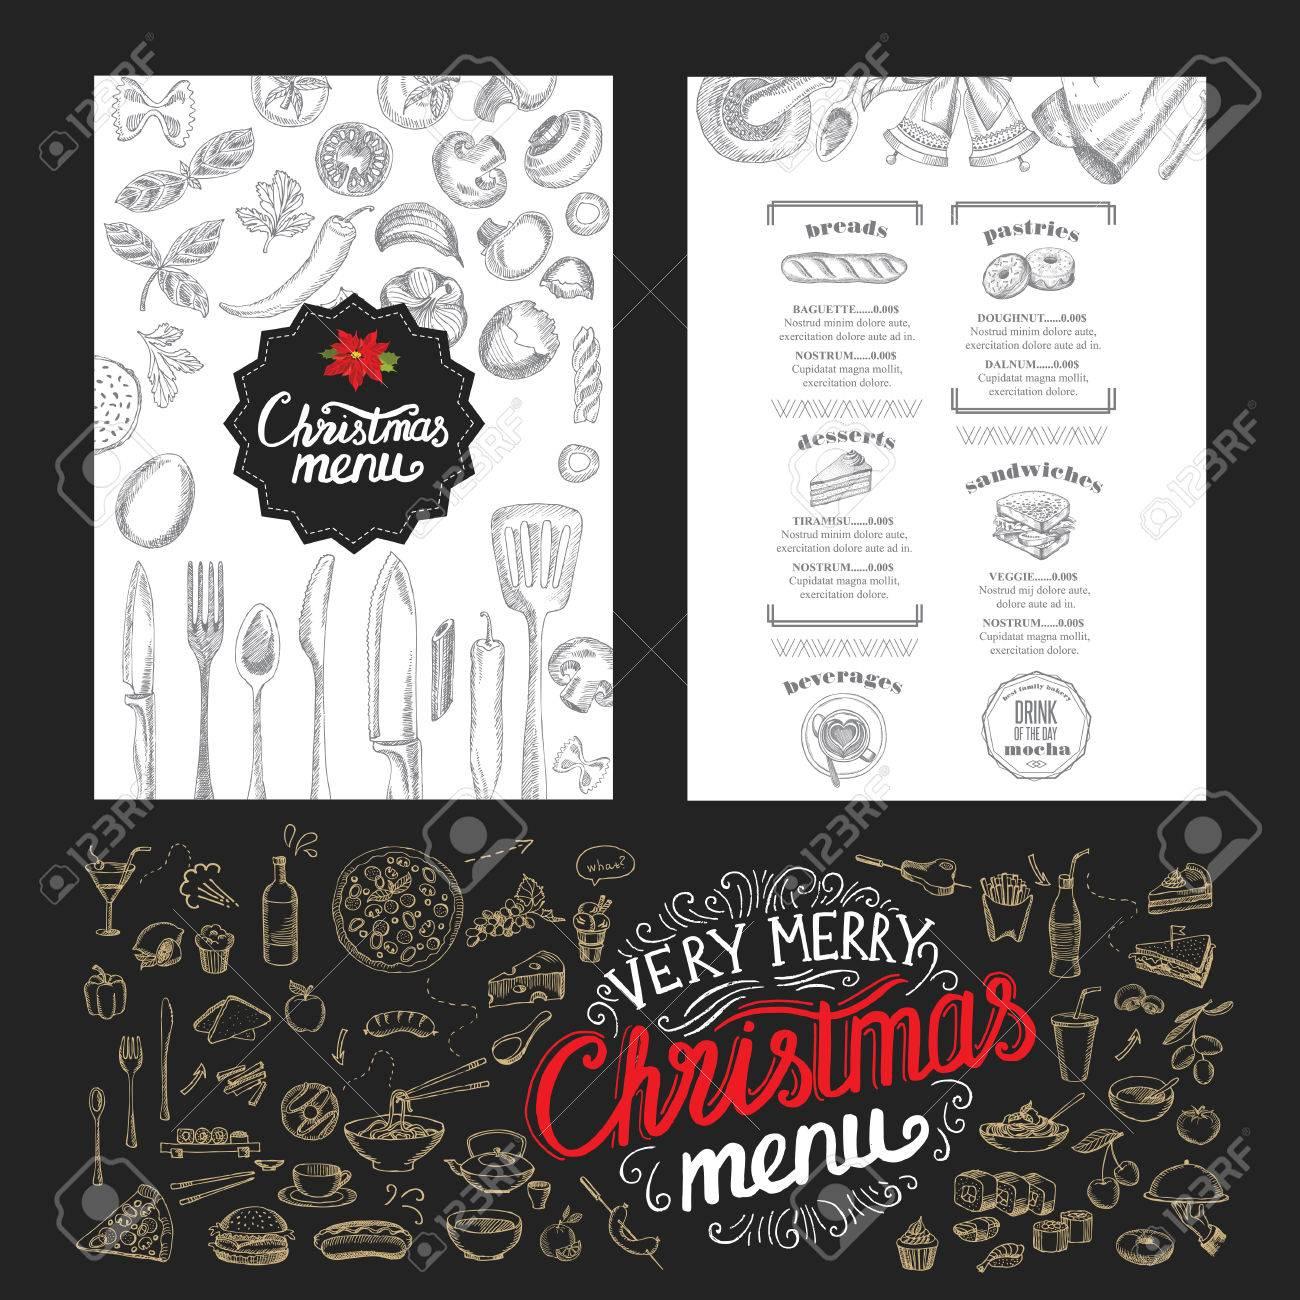 Un Bon Menu De Noel.Brochure De Restaurant De Noel Modele De Menu Fond De Vacances Et De Design Bonne Fete Du Nouvel An Avec Le Graphique De Noel